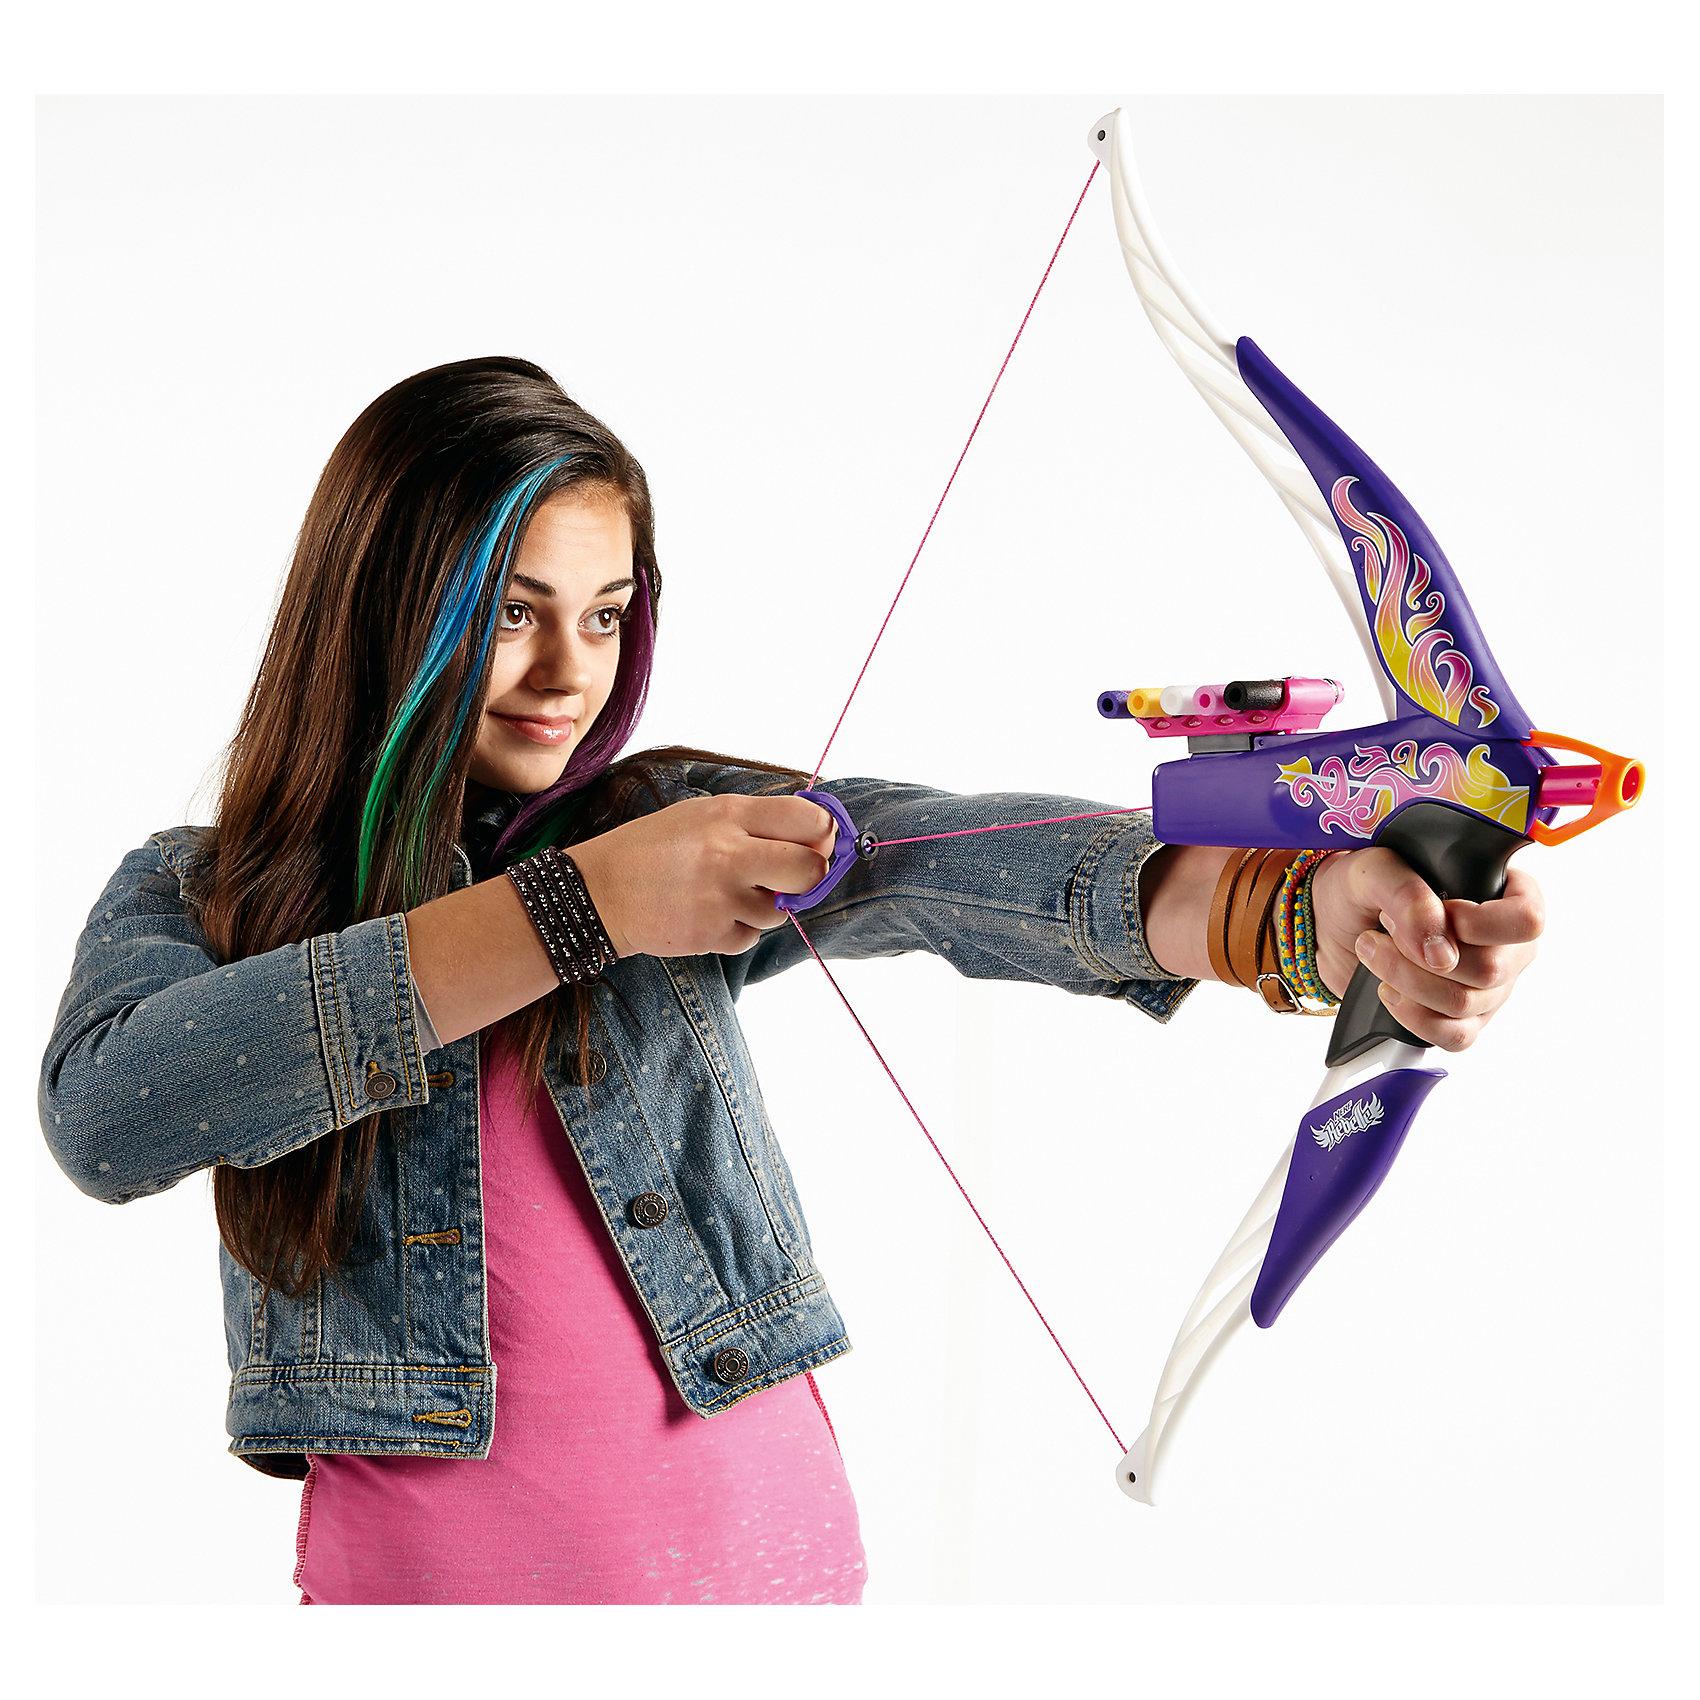 Лук Разбитое сердце, N-RebelleИдеи подарков<br>Лук Разбитое сердце, Nerf Rebelle  - оригинальное элегантное оружие для девочек. Лук для стрельбы выполнен в привлекательном стильном дизайне и декорирован изысканными узорами. В верхней части лука расположен специальный удобный отсек, вмещающий в себя пять стрел и позволяющий не отвлекаться во время игры на их поиск .<br>В комплект также входят 5 безопасных стрел, выполненных в виде патрона от бластера. Лук имеет регулируемый прицел и стреляет на расстояние более 20 метров. Игрушка способствует развитию меткости, ловкости, координации движений и сноровки.<br><br>Дополнительная информация:<br><br>- В комплекте: лук, 5 стрел.<br>- Материал: пластик, вспененный полимер.<br>- Размер лука: 62 х 29 х 4 см.<br>- Длина стрелы: 7,5 см.<br>- Размер упаковки: 63 х 30 х 6 см.<br>- Вес: 0,8 кг.<br><br>Лук Разбитое сердце, Nerf Rebelle (Нерф) можно купить в нашем интернет-магазине.<br><br>Ширина мм: 637<br>Глубина мм: 299<br>Высота мм: 63<br>Вес г: 615<br>Возраст от месяцев: 96<br>Возраст до месяцев: 144<br>Пол: Женский<br>Возраст: Детский<br>SKU: 4874319